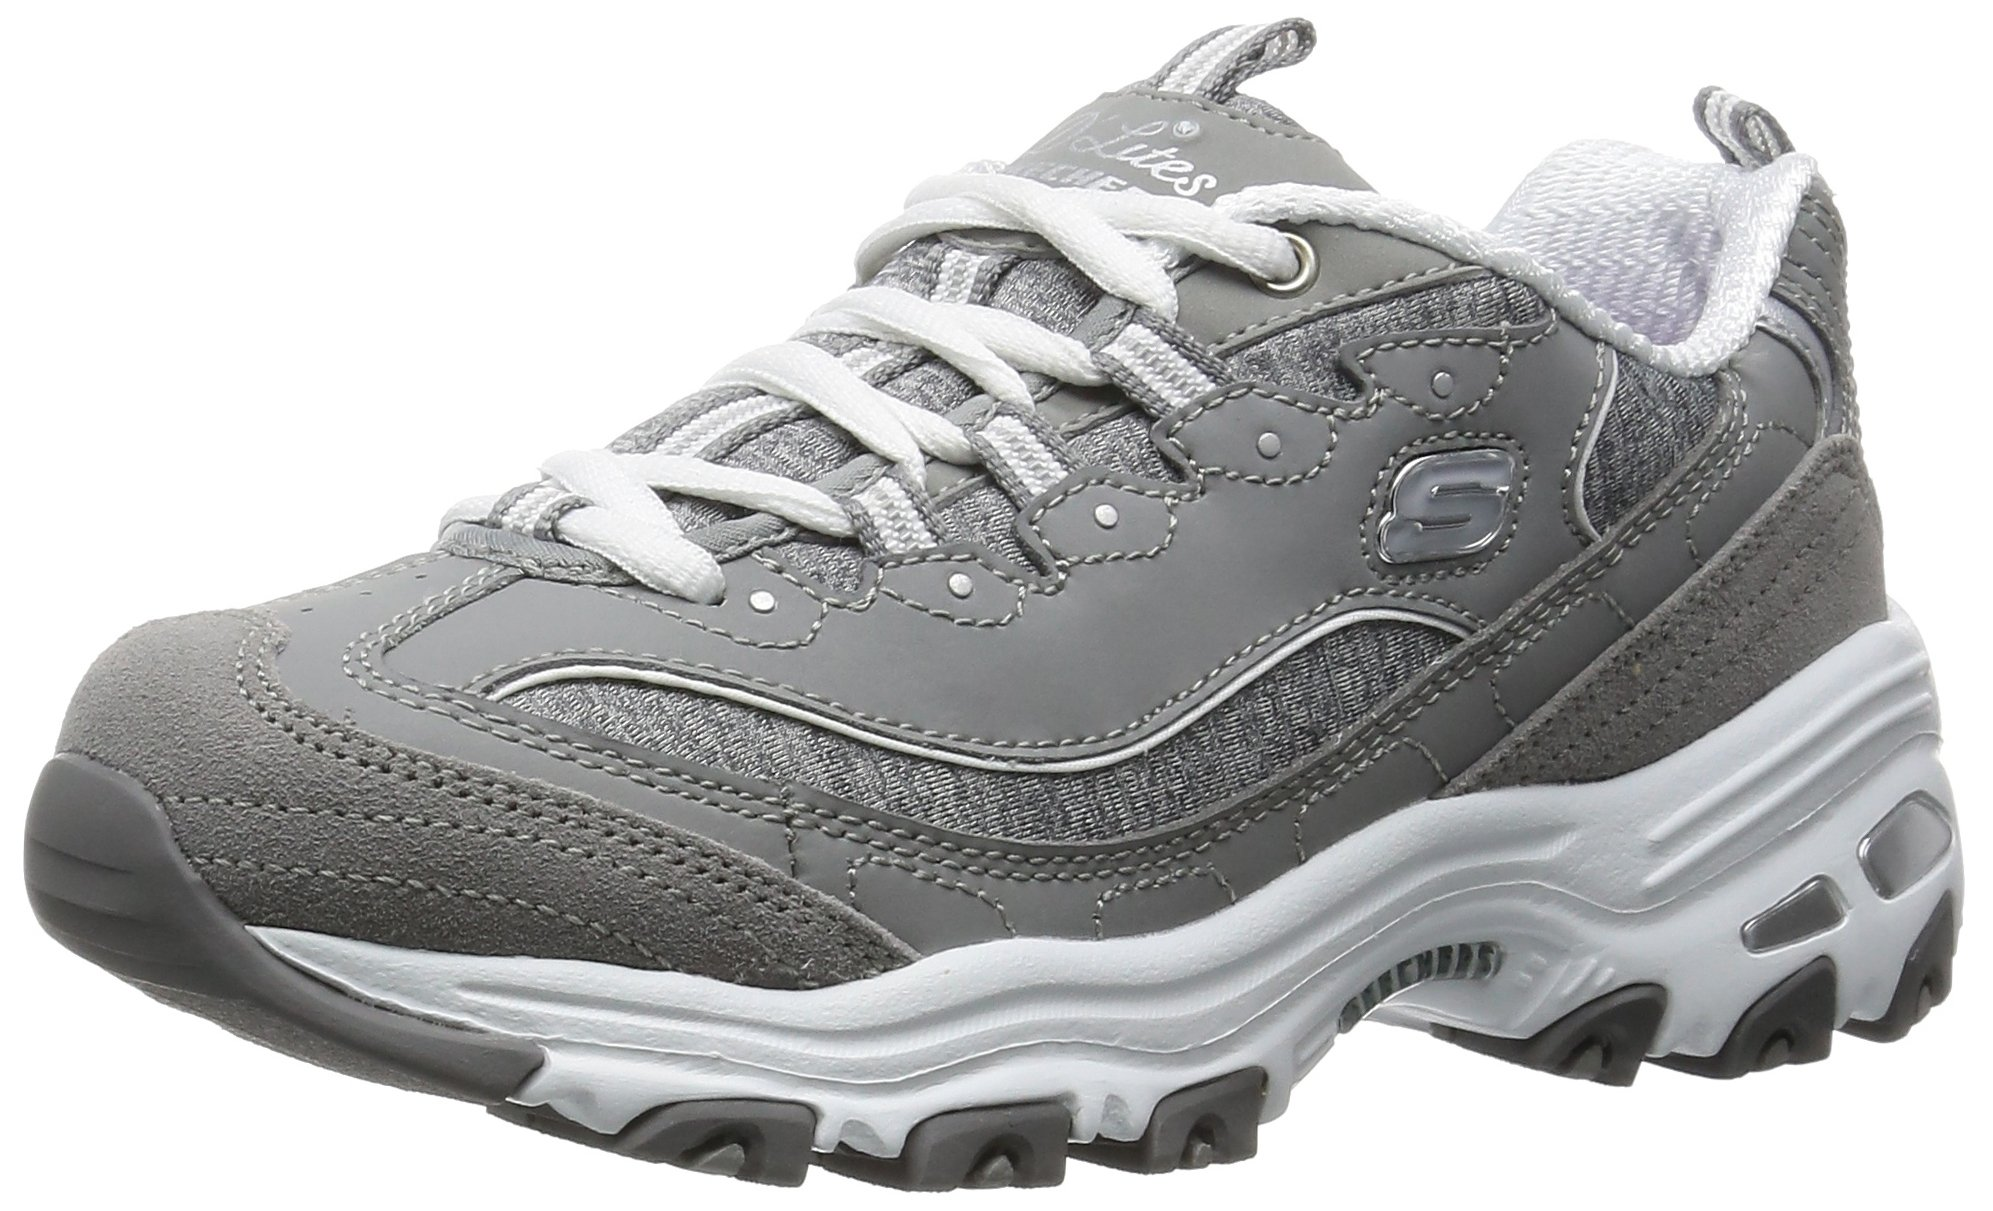 Skechers Sport Women's D'Lites Memory Foam Lace-up Sneaker,Grey/White,8.5 W US